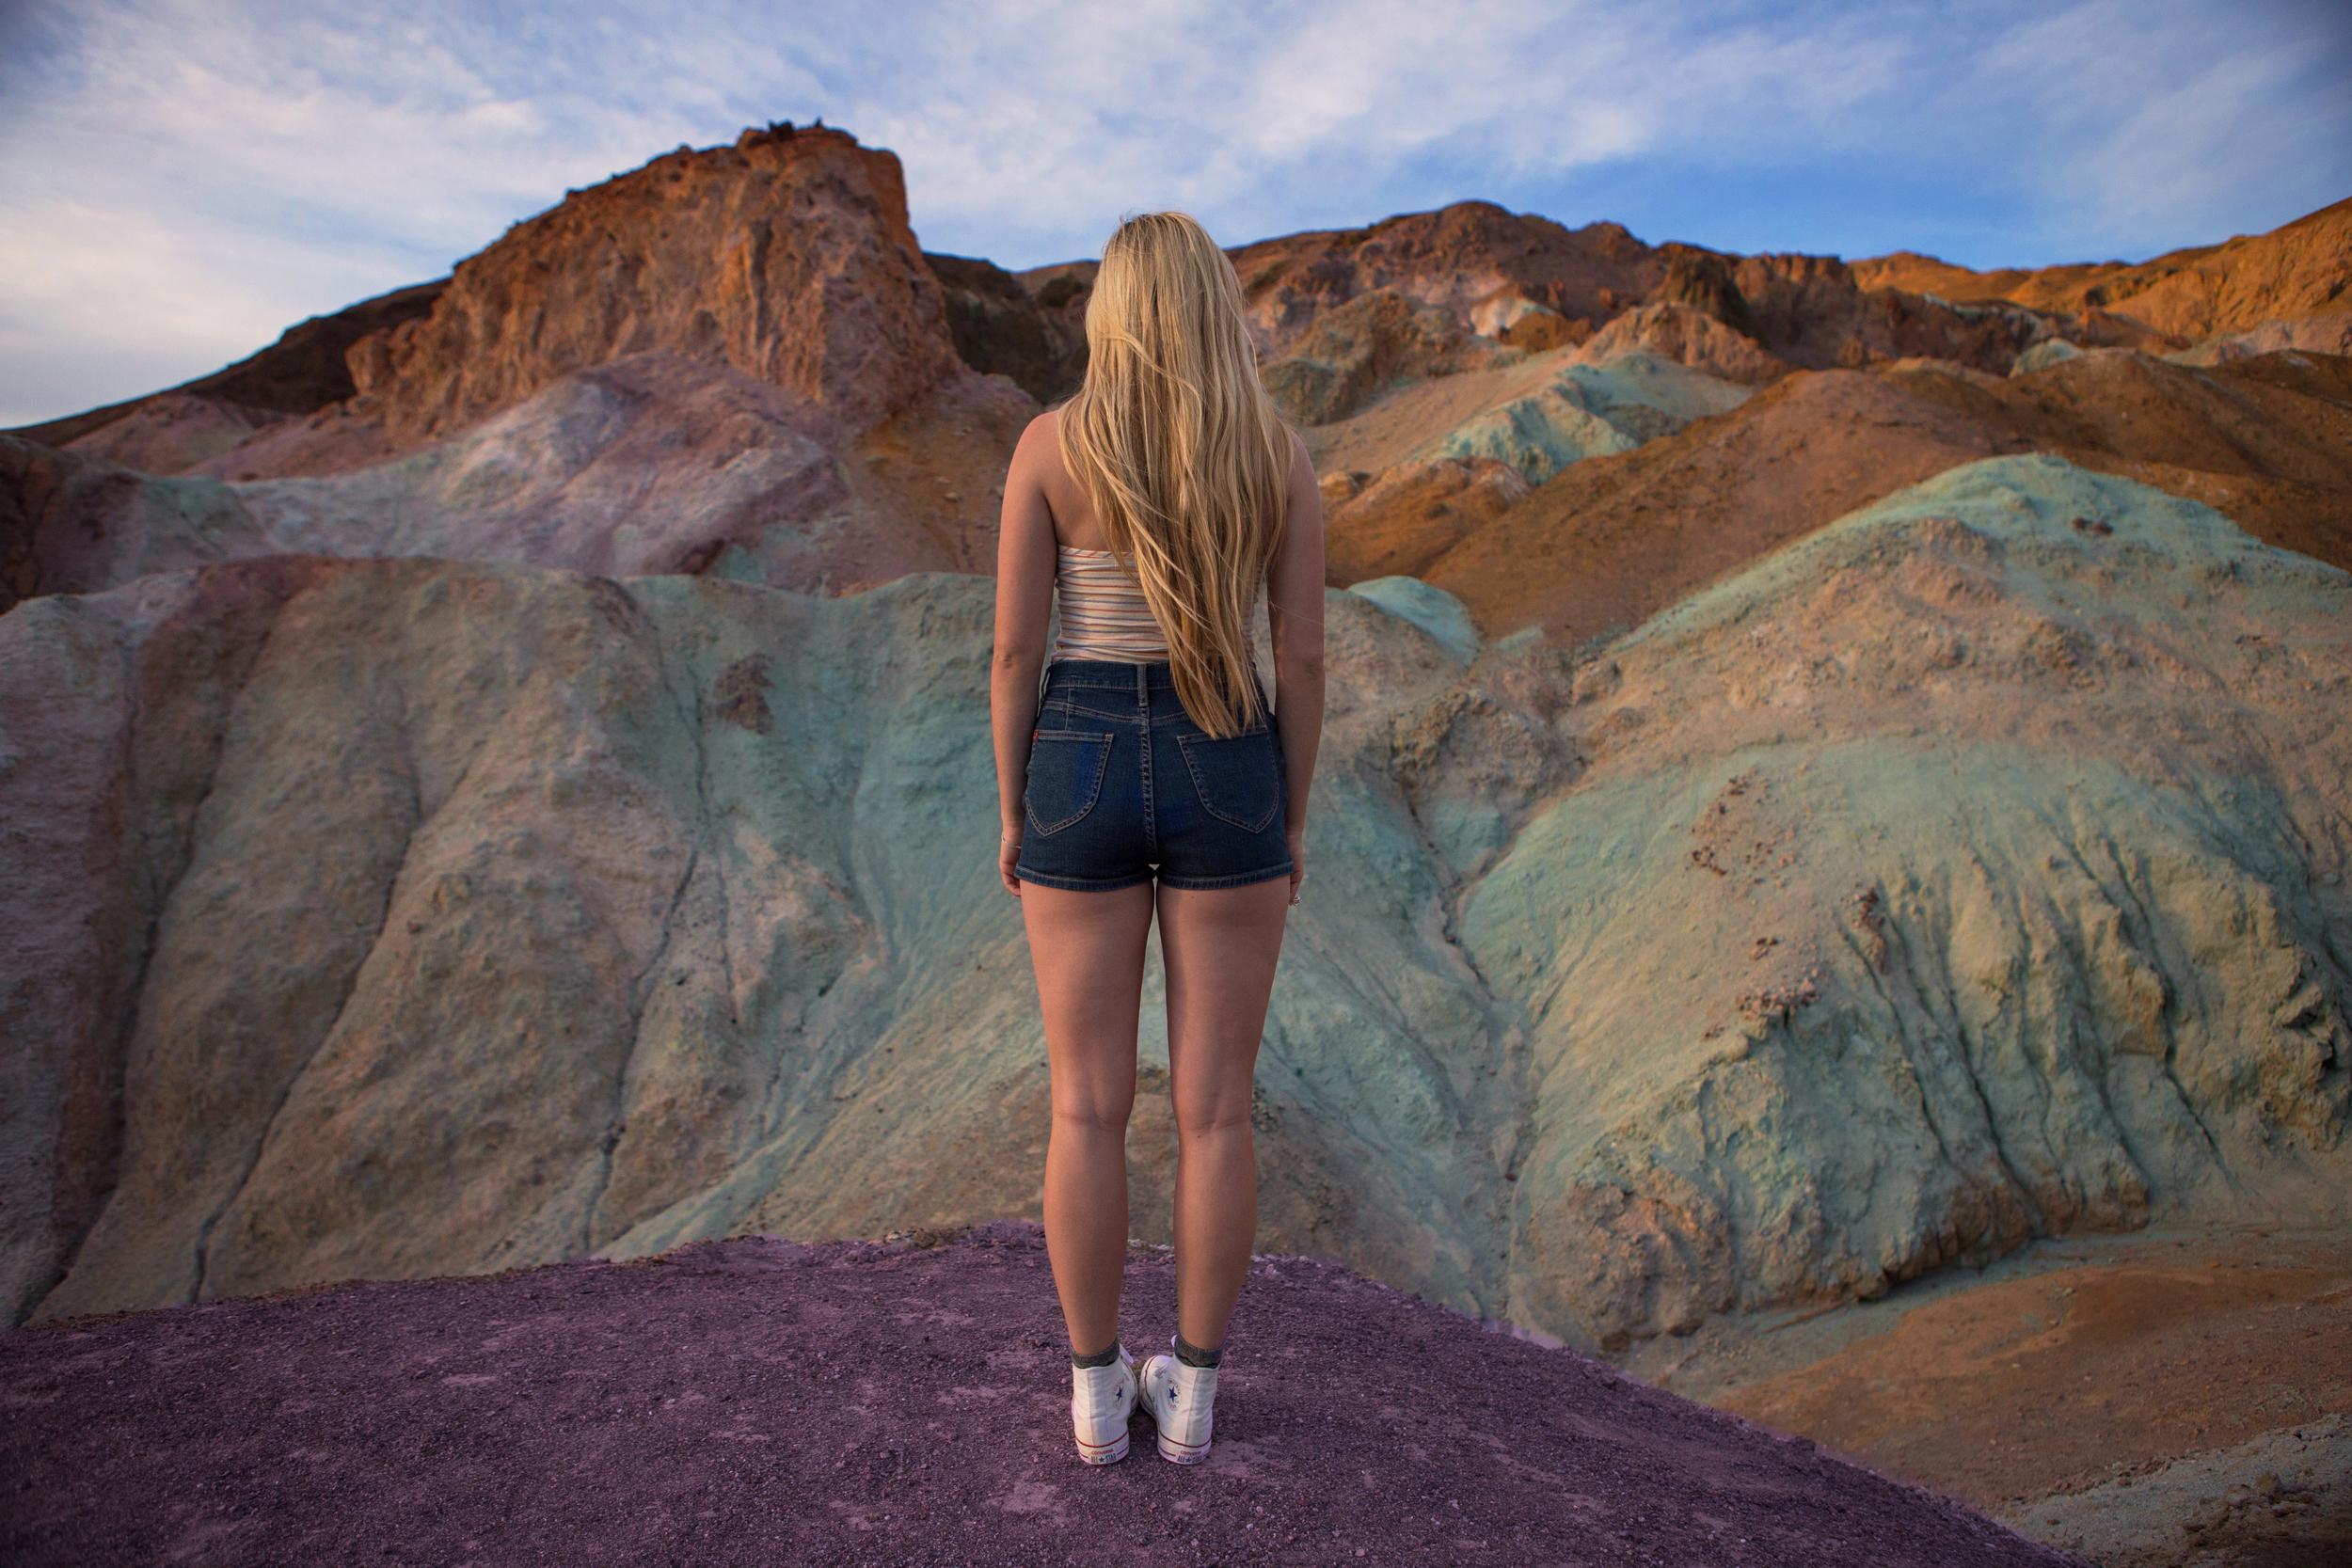 AstroBandit_JordanRose_ColorfulSurroundings_ArtistsPalette_DeathValley_UrbanOutfitters_6.jpg